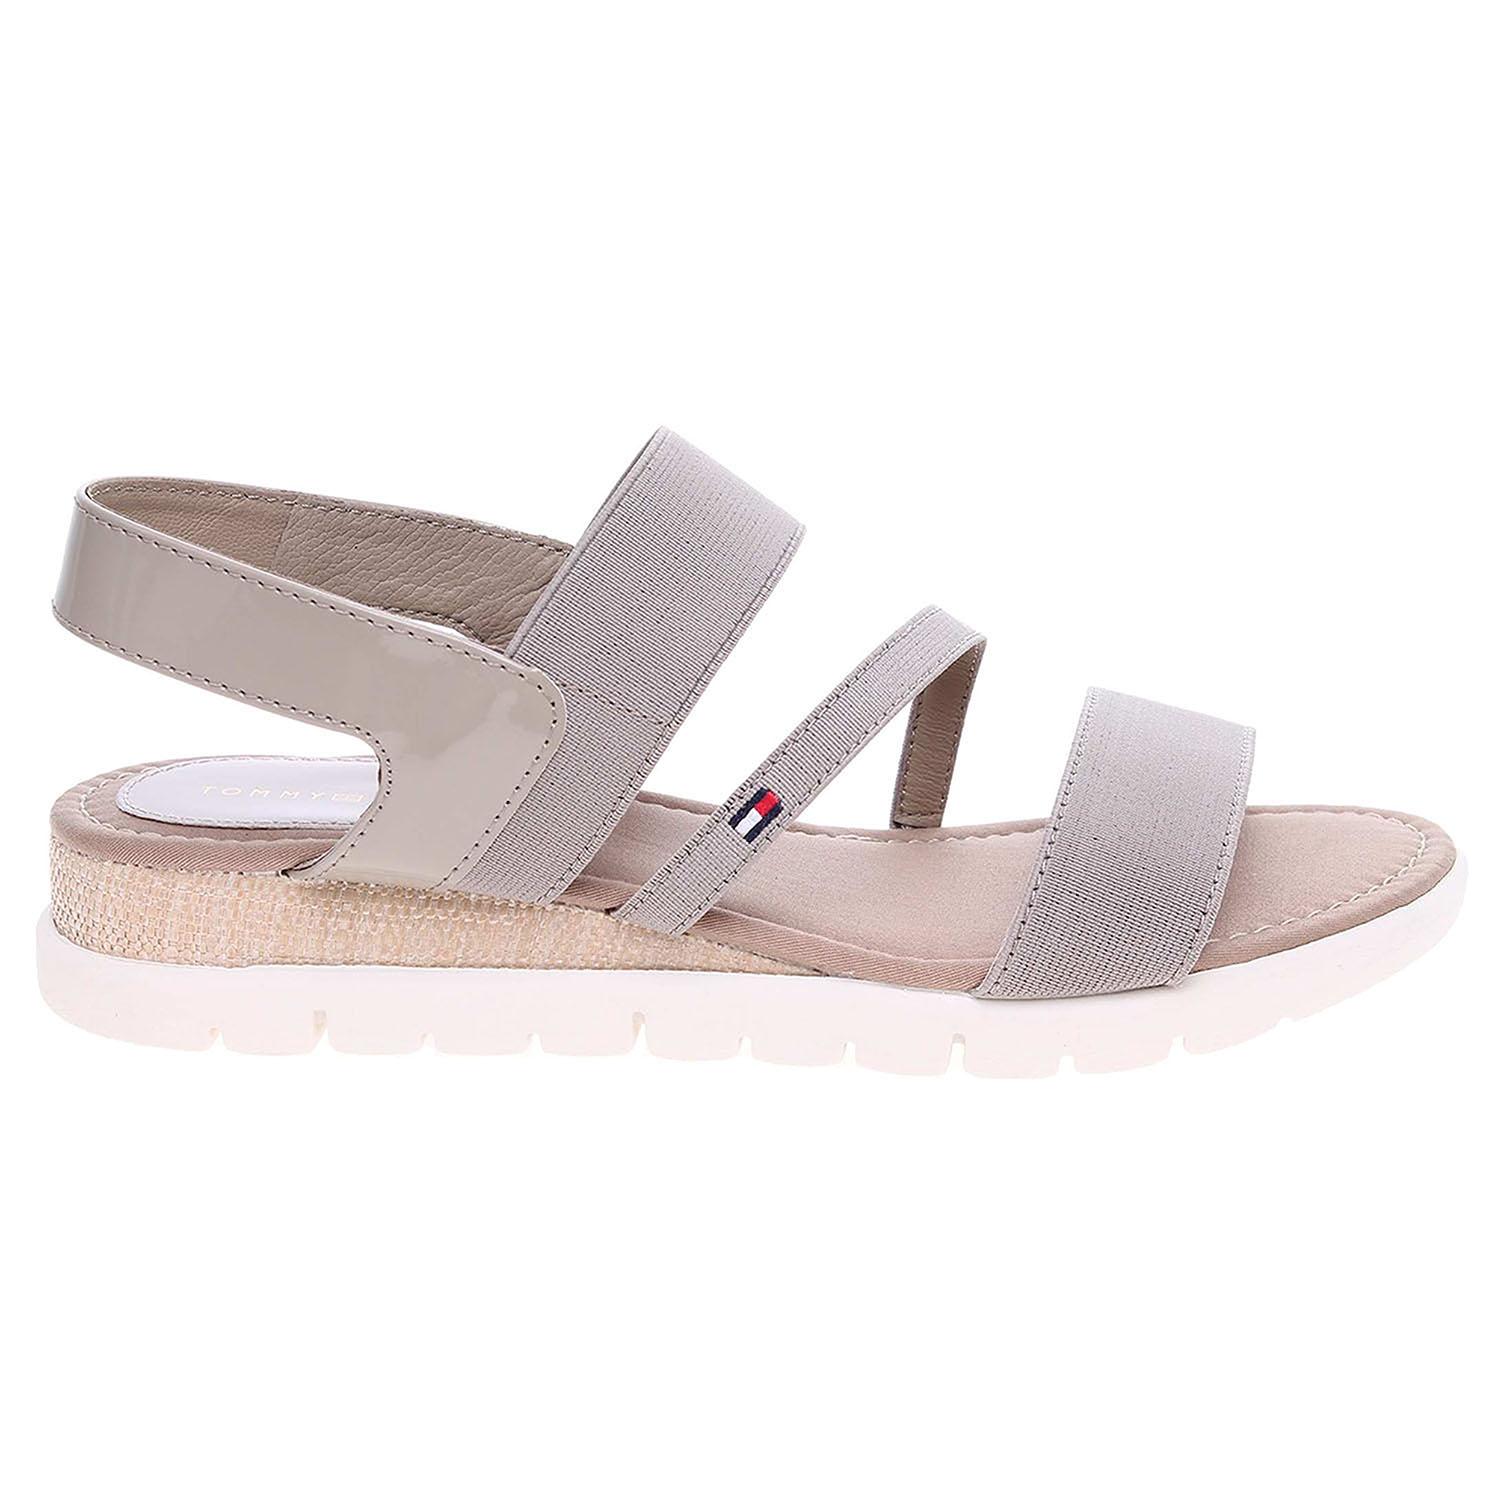 Ecco Tommy Hilfiger dámské sandály FW0FW00300 M1285ADALENE 3D béžové 23801191